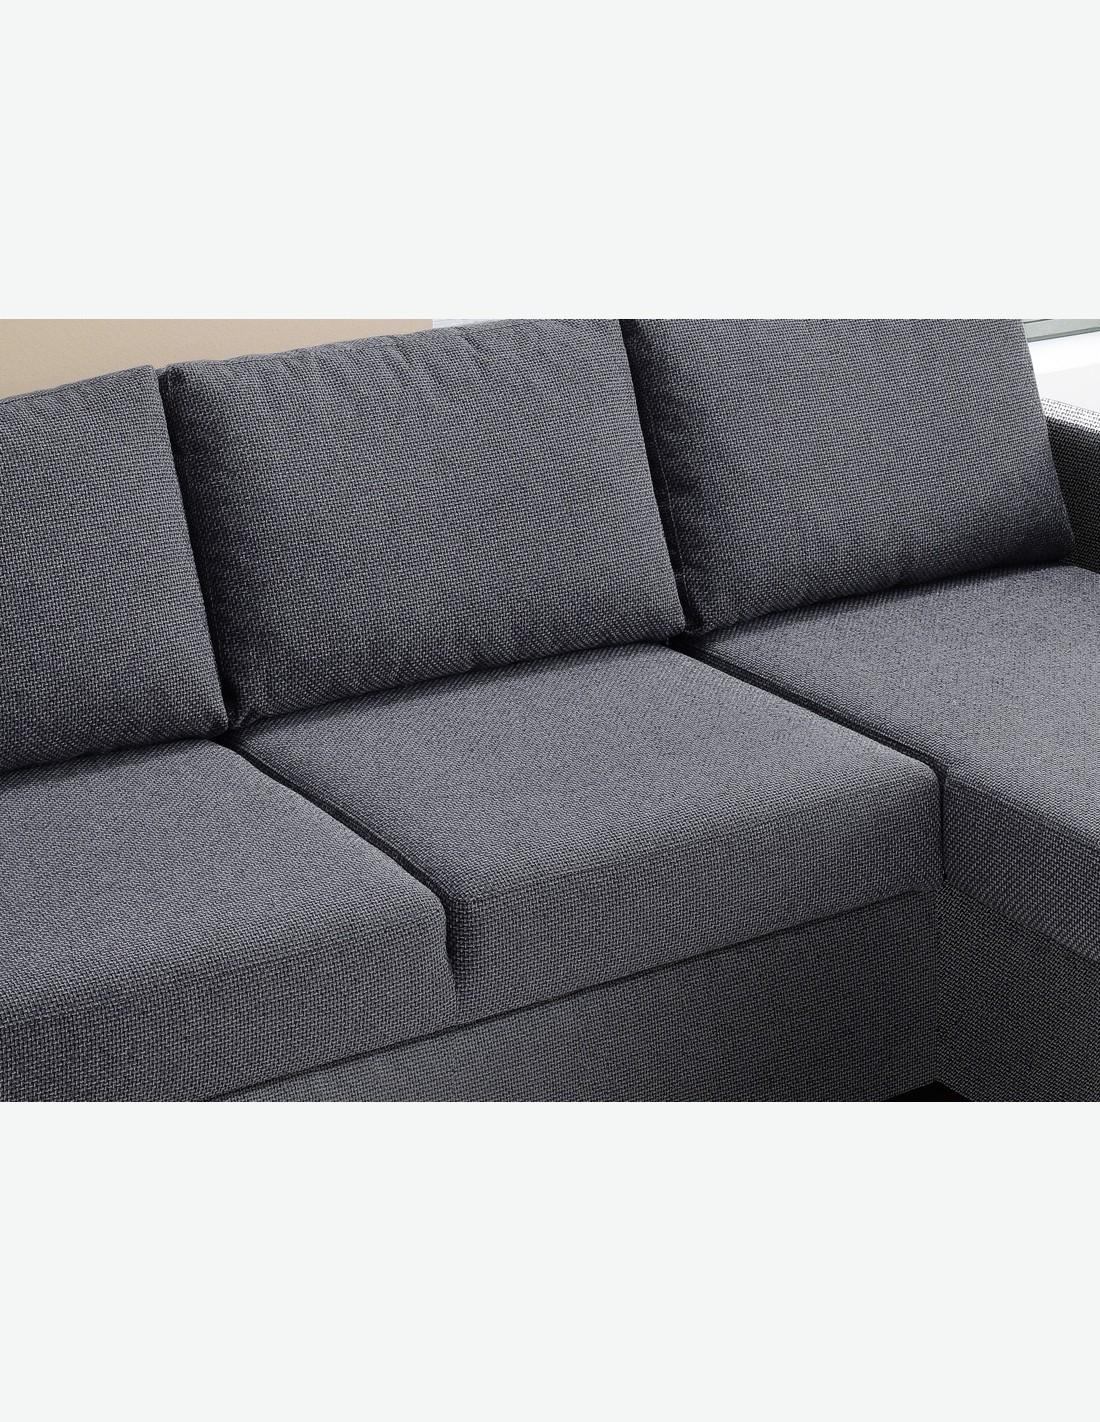 Fabelhaft Sofa Mit Ottomane Und Schlaffunktion Ideen Von Andere Bilder